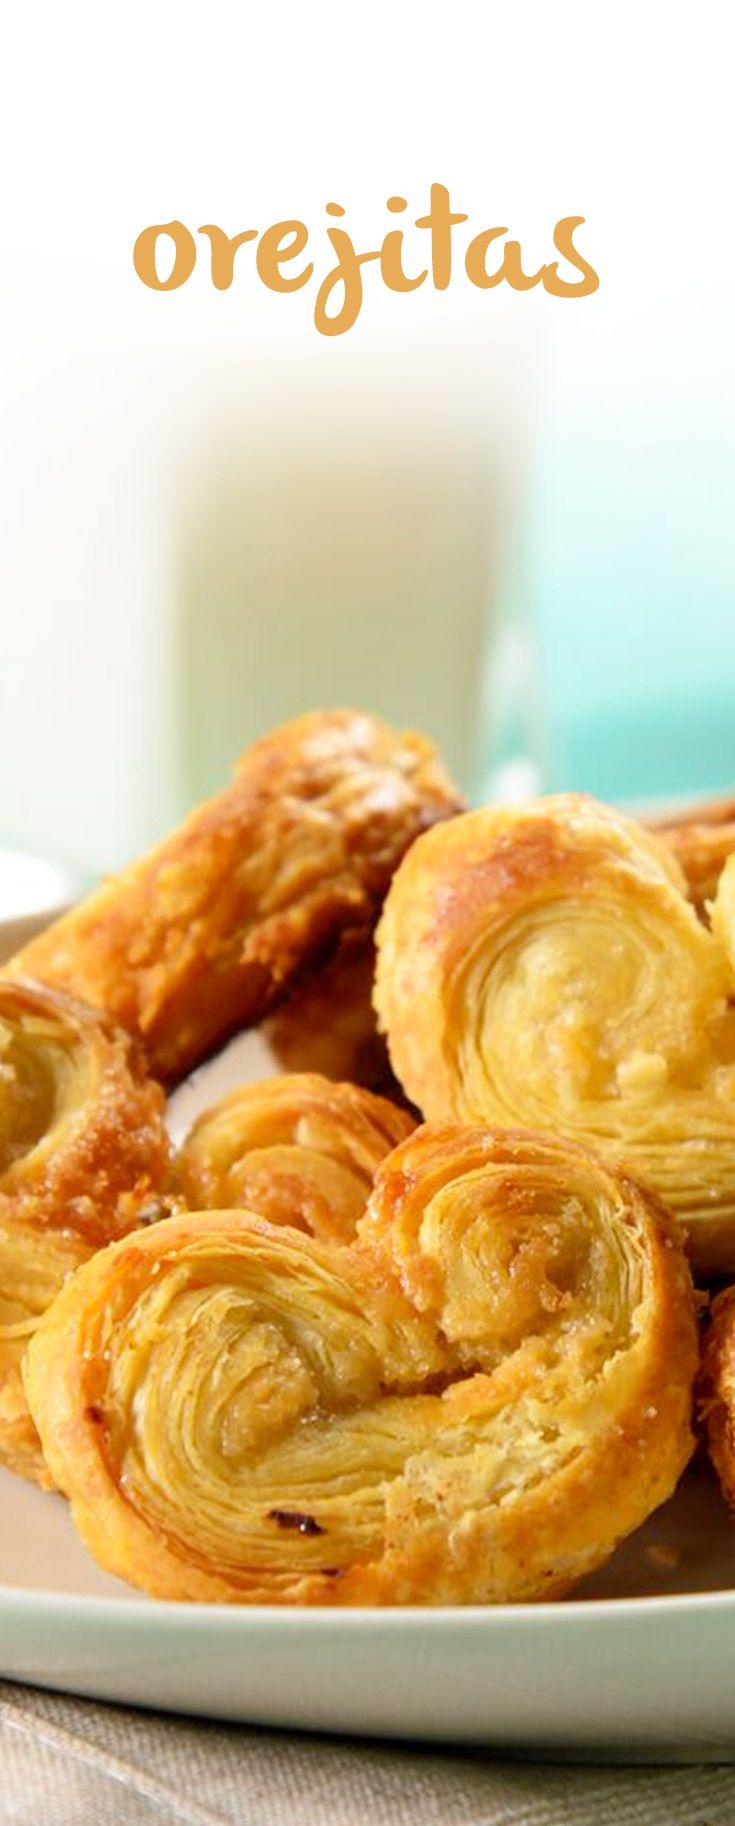 Galletas de orejitas de hojaldre caseras para regalar o venden en fechas especiales. Lo ligero y crujiente de esta receta de galletas fáciles te sorprenderá.